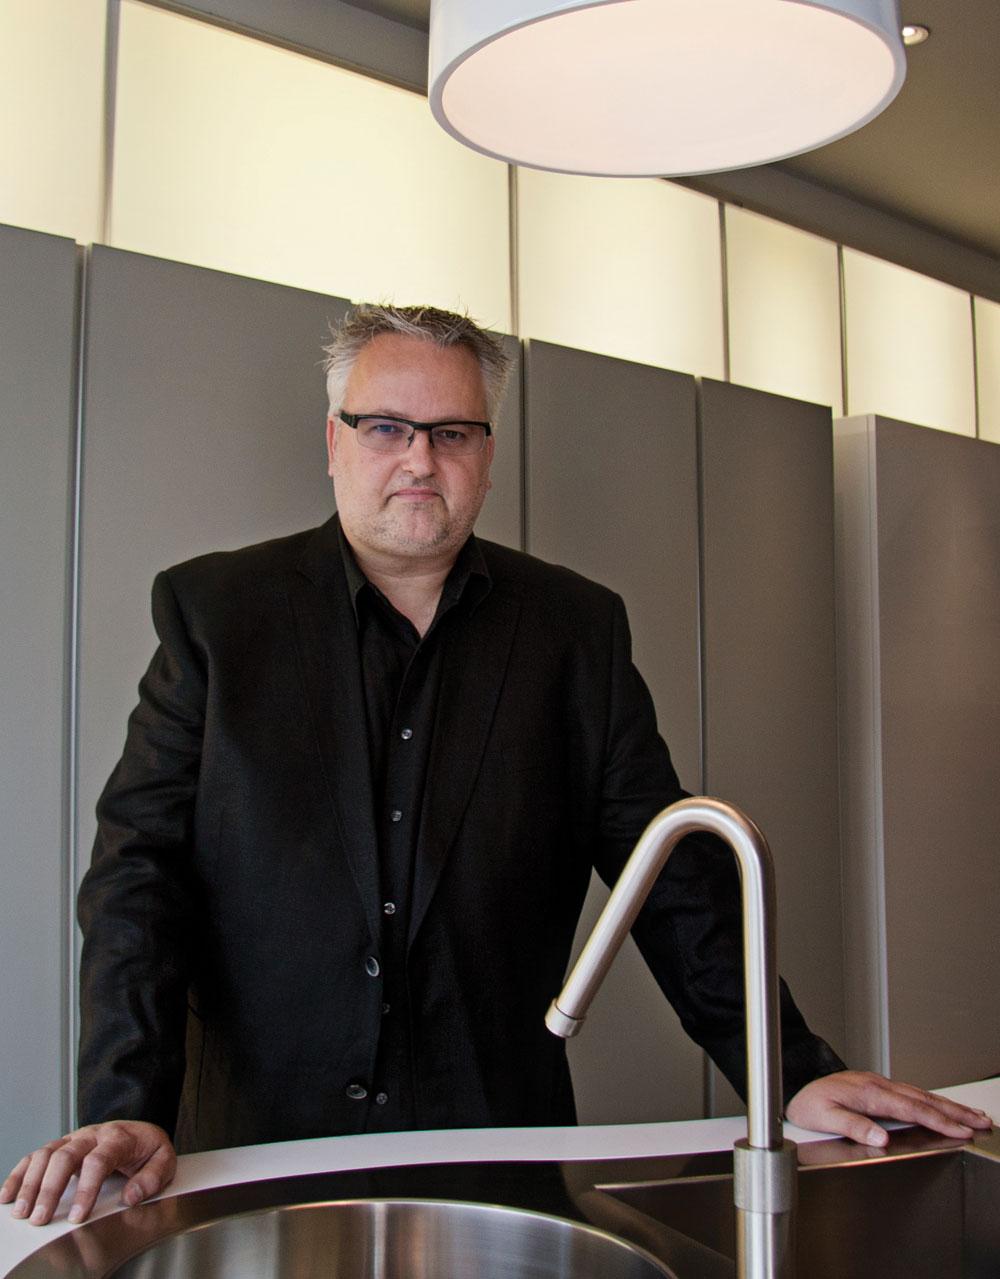 Guy Gibeault